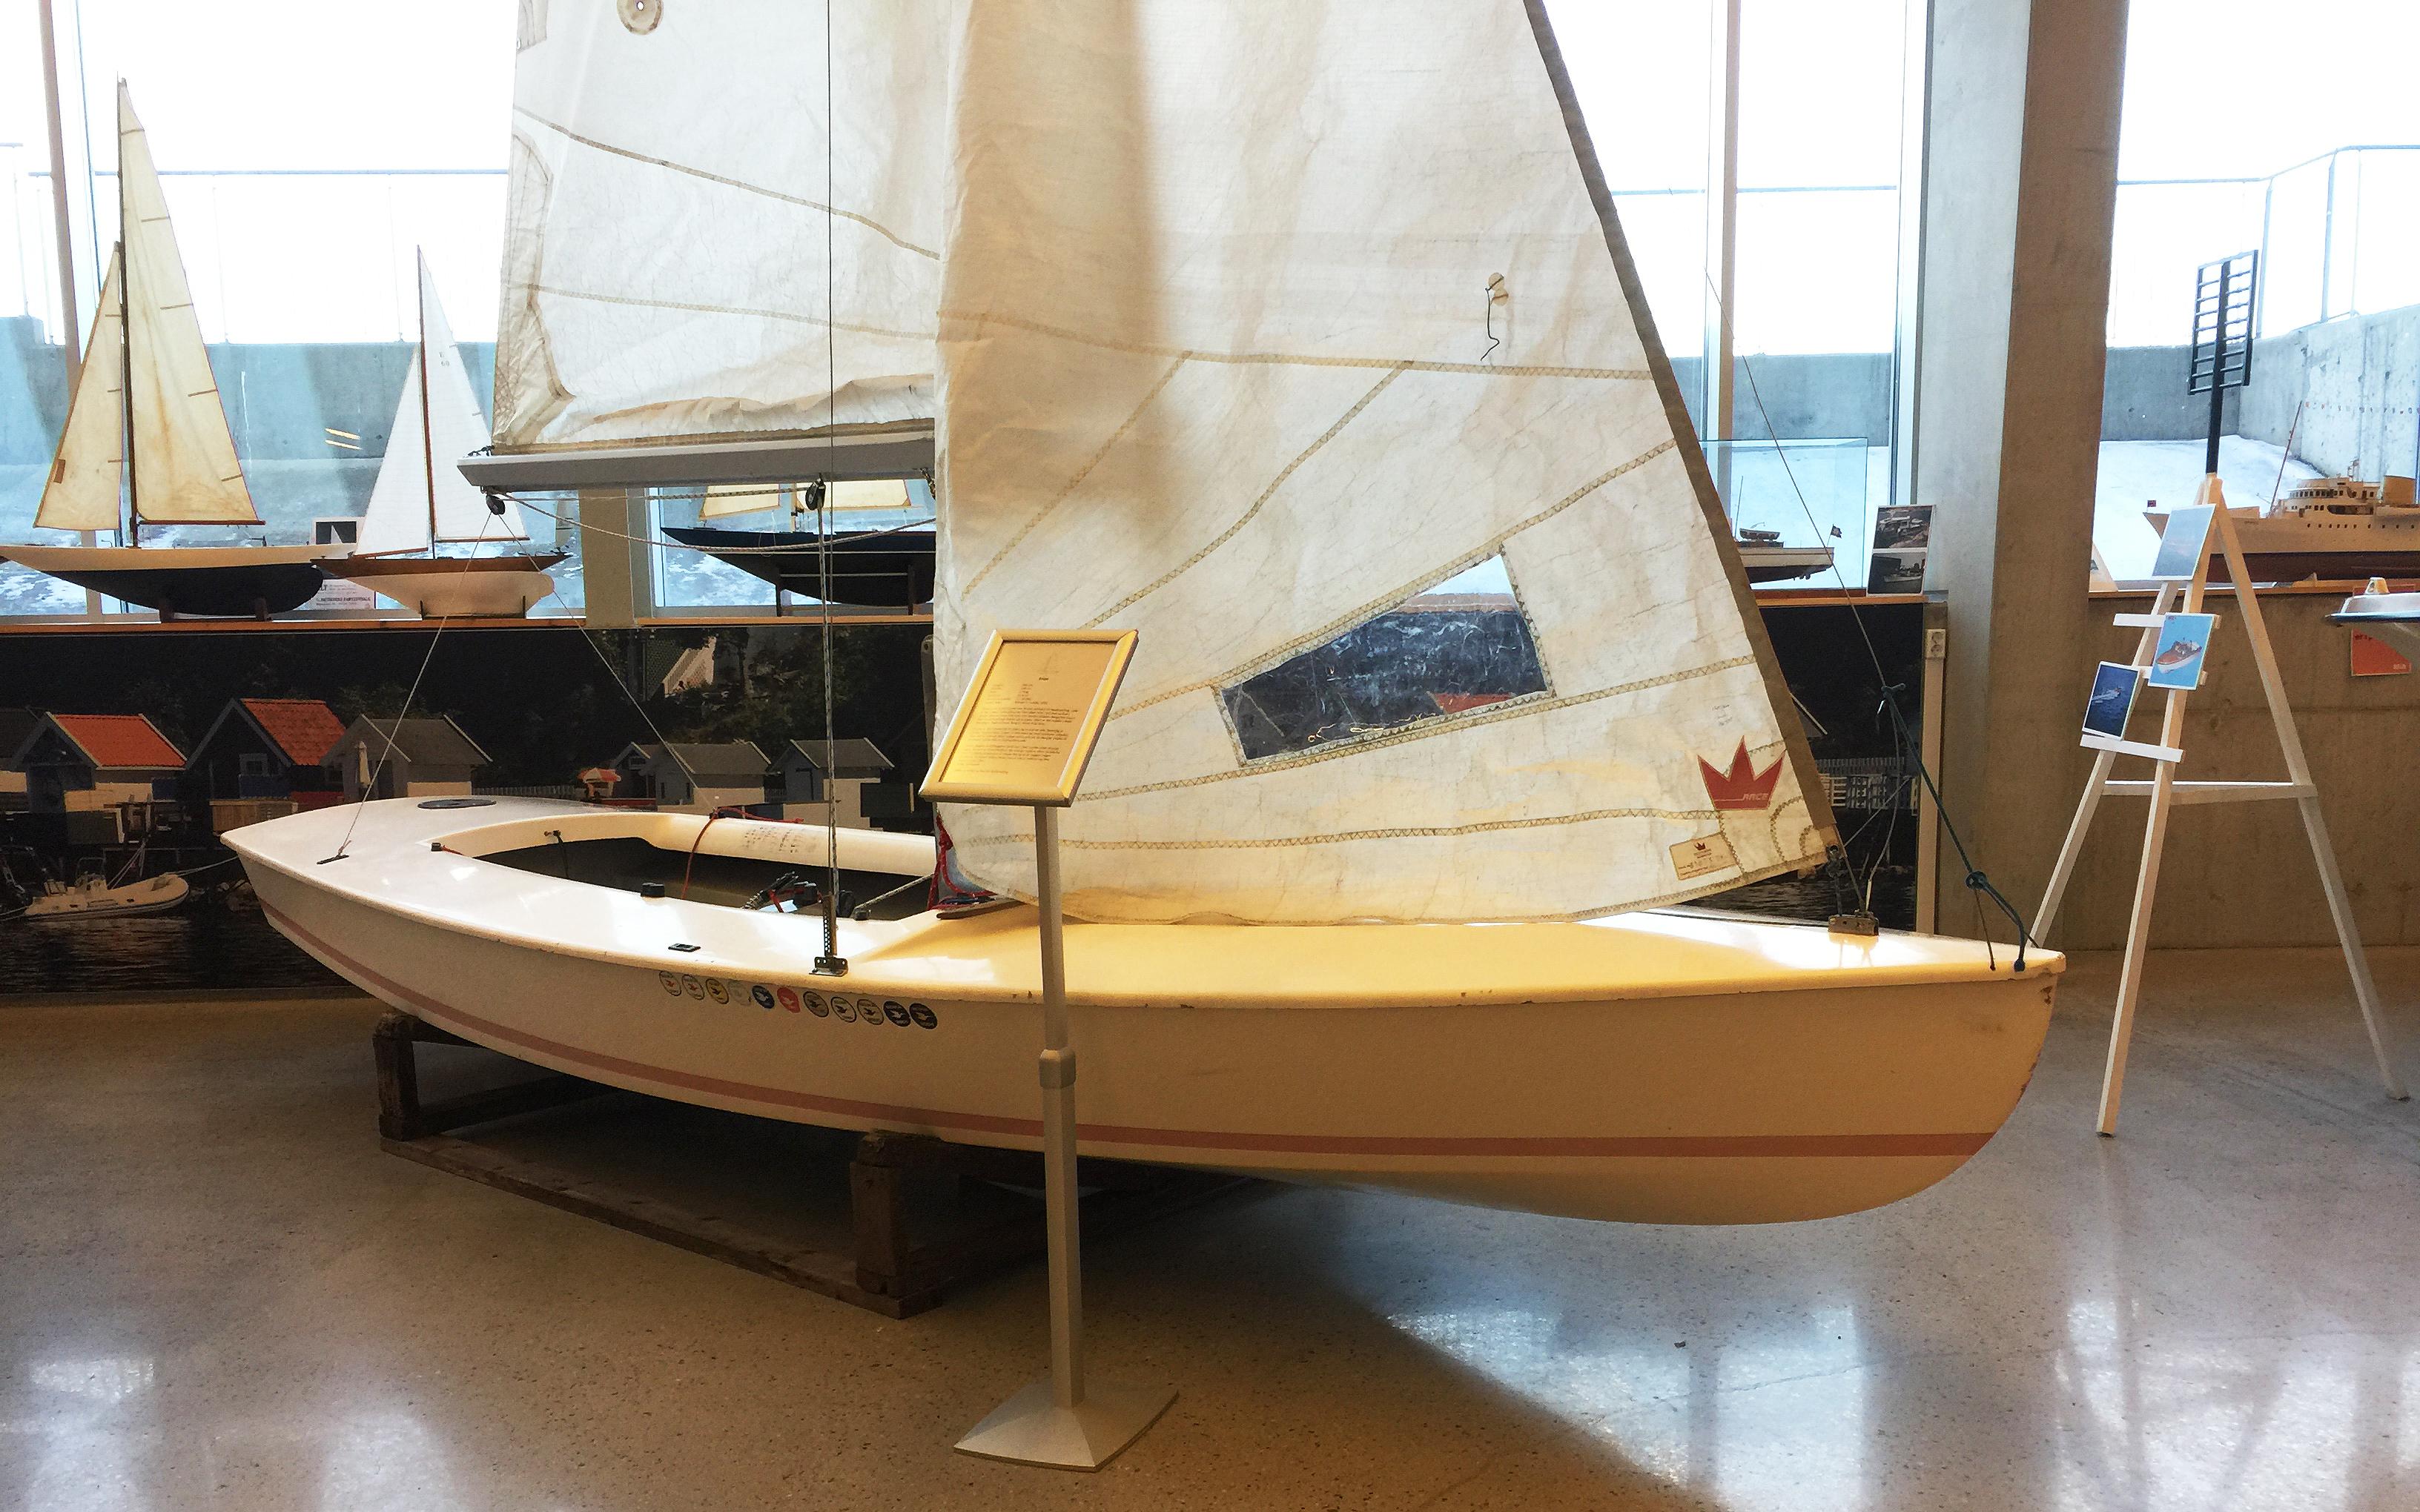 80 ÅR: En Snipe er på plass i båthallen i anledning av at Snipen har vært i Norge i 80 år. [Foto: Morten Jensen]